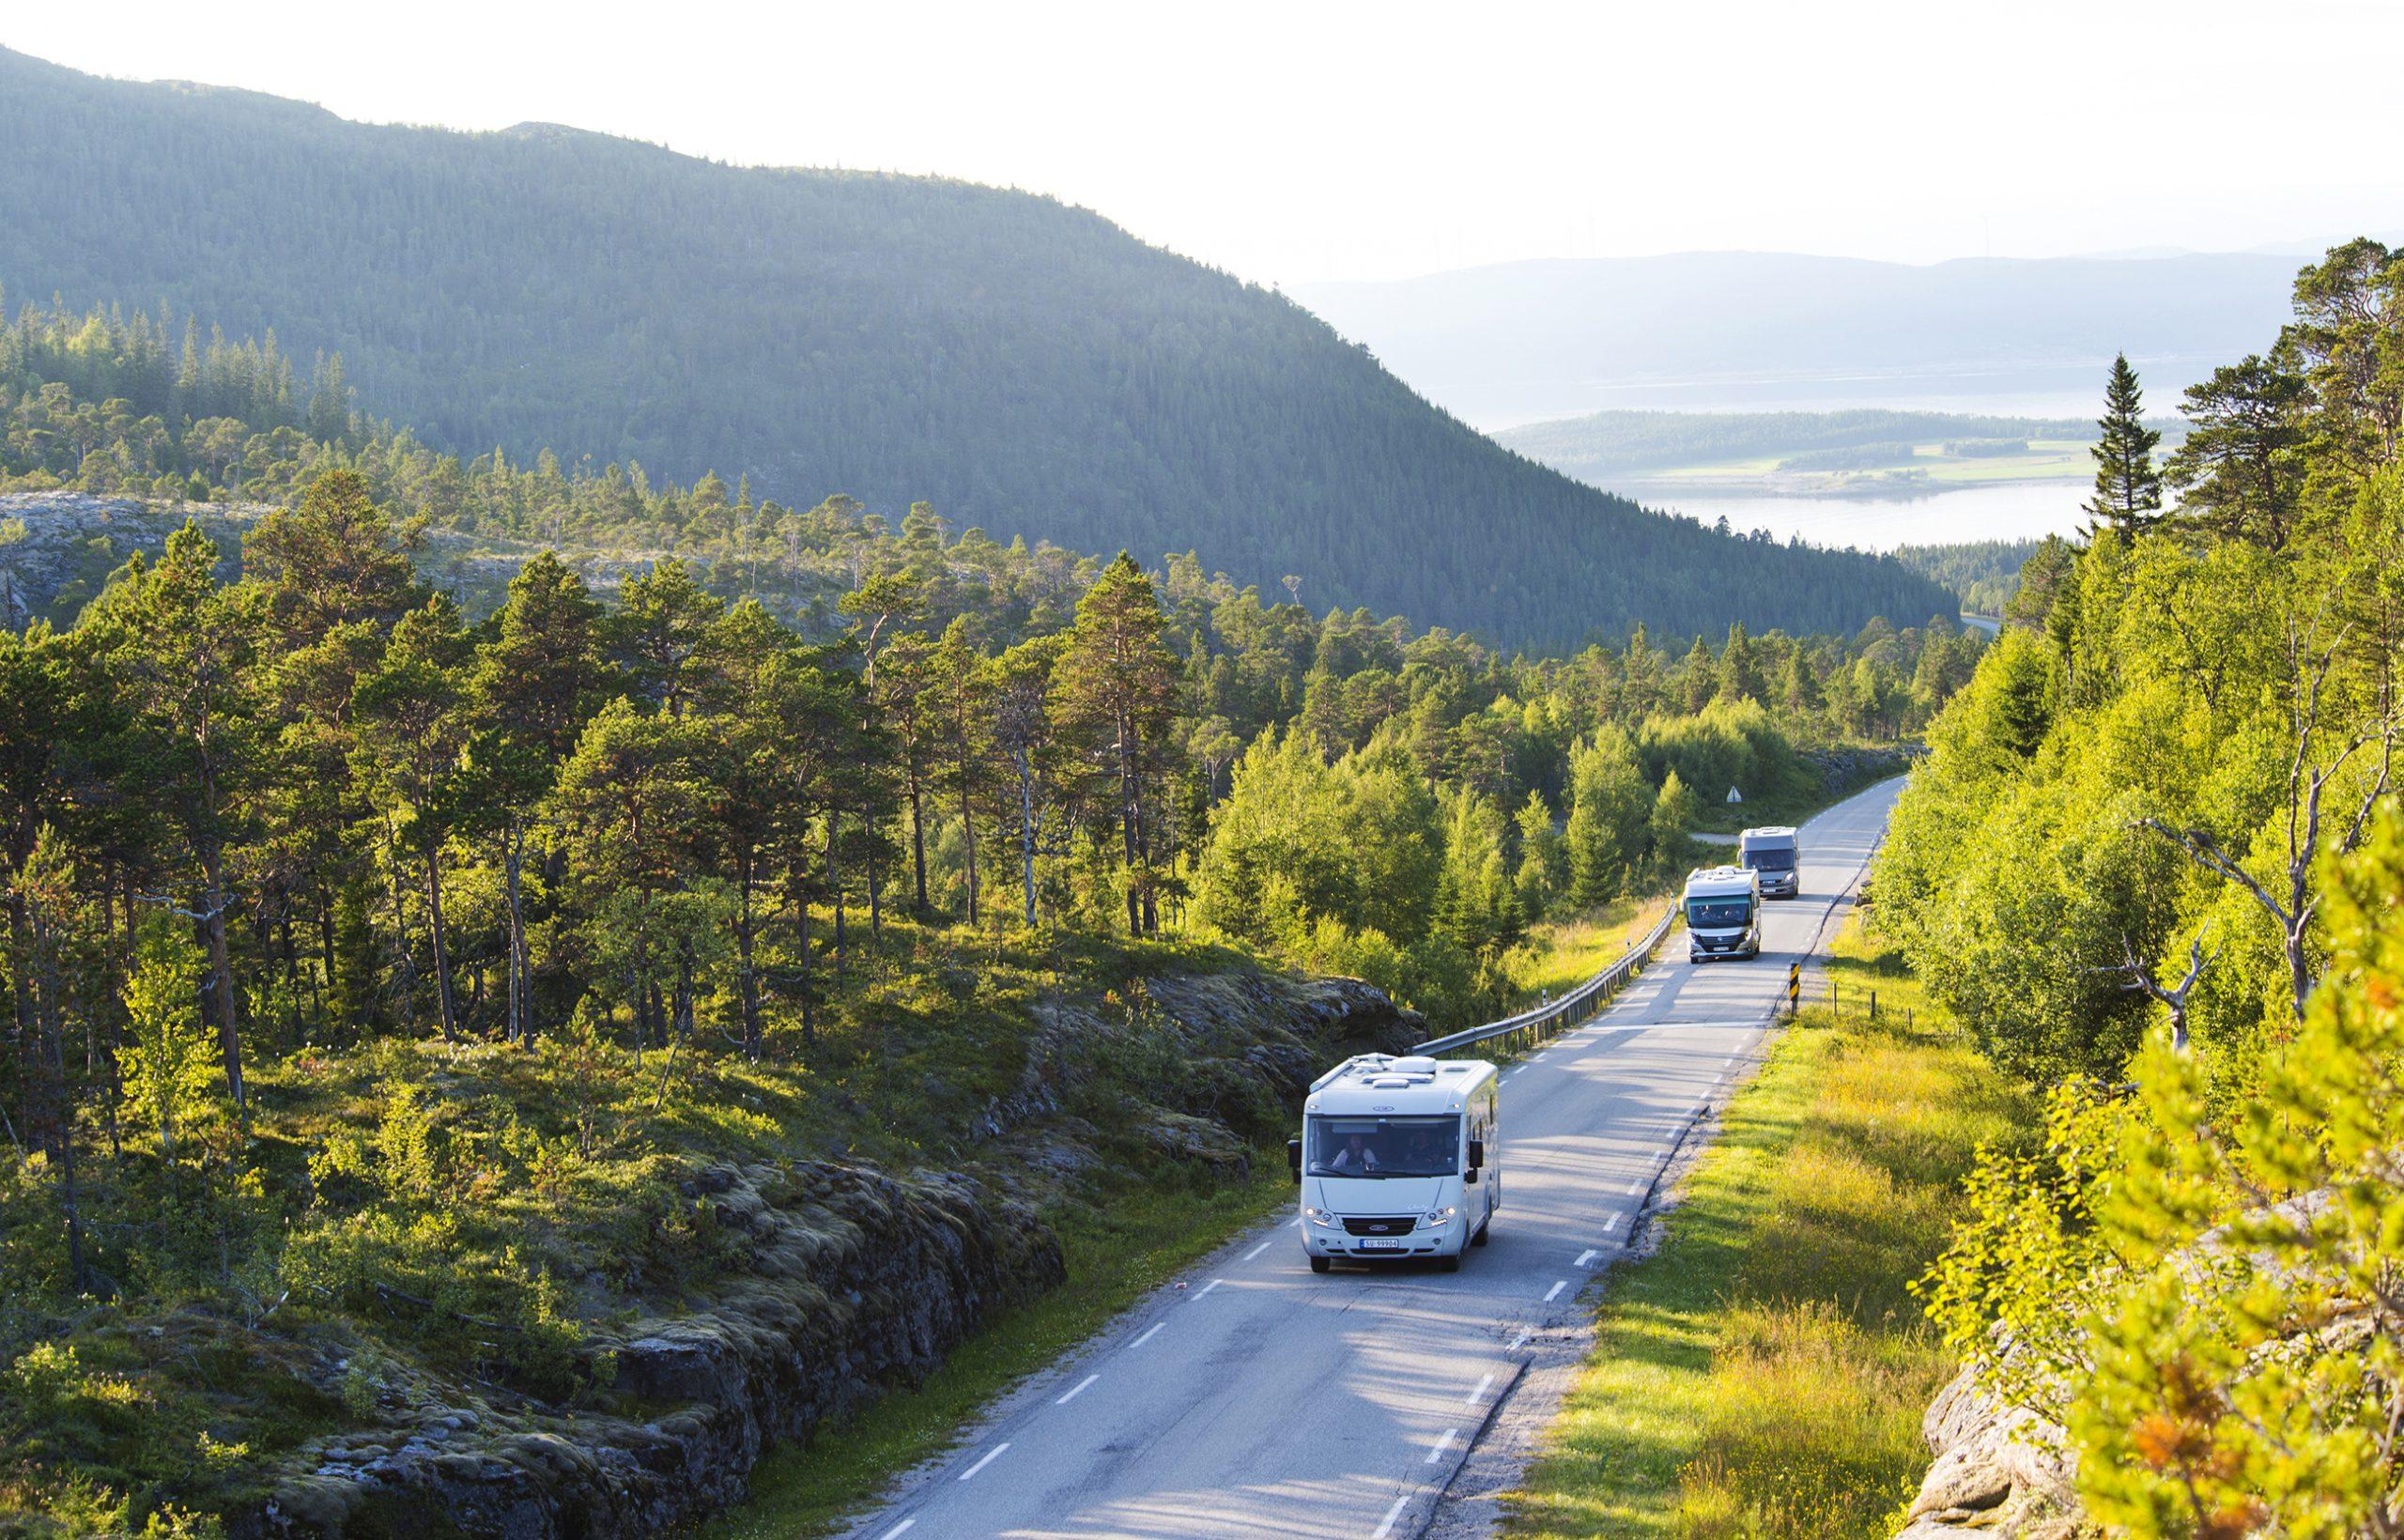 Camping- og bobilferie i Namdalen. Foto: Olav Breen/Kystriksveien Reiseliv